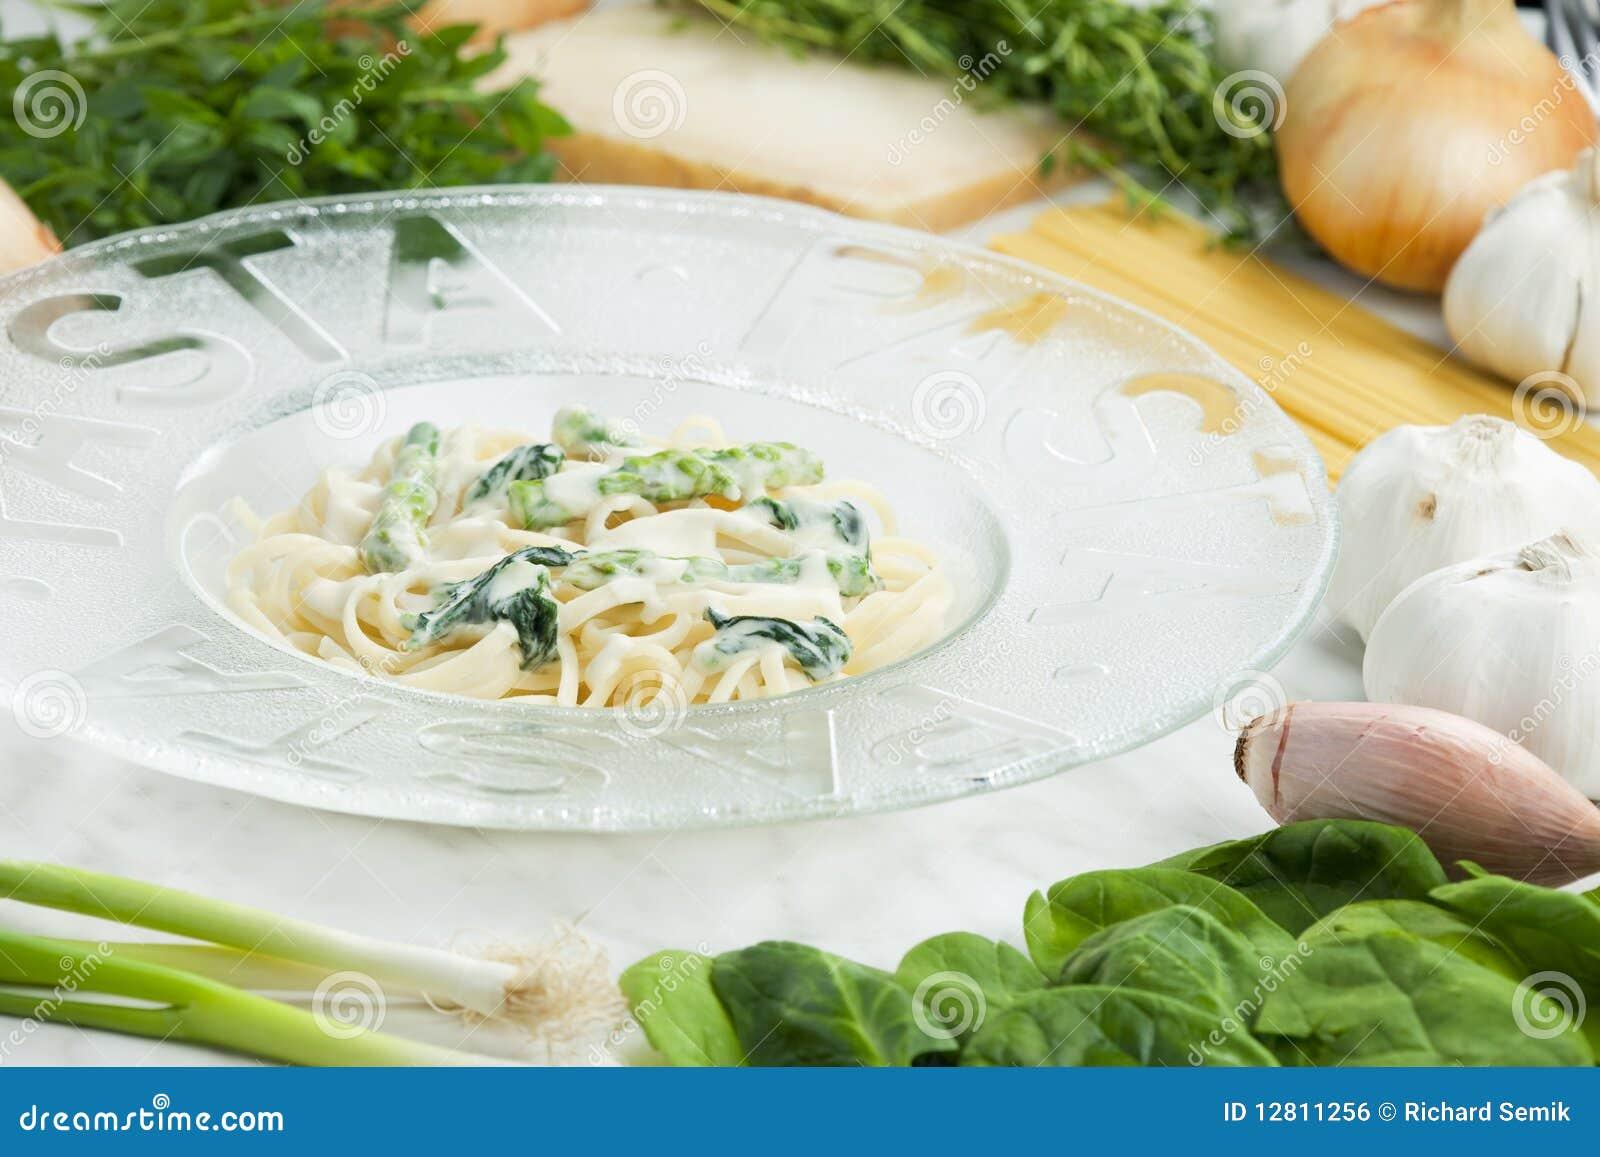 Massa com espinafre